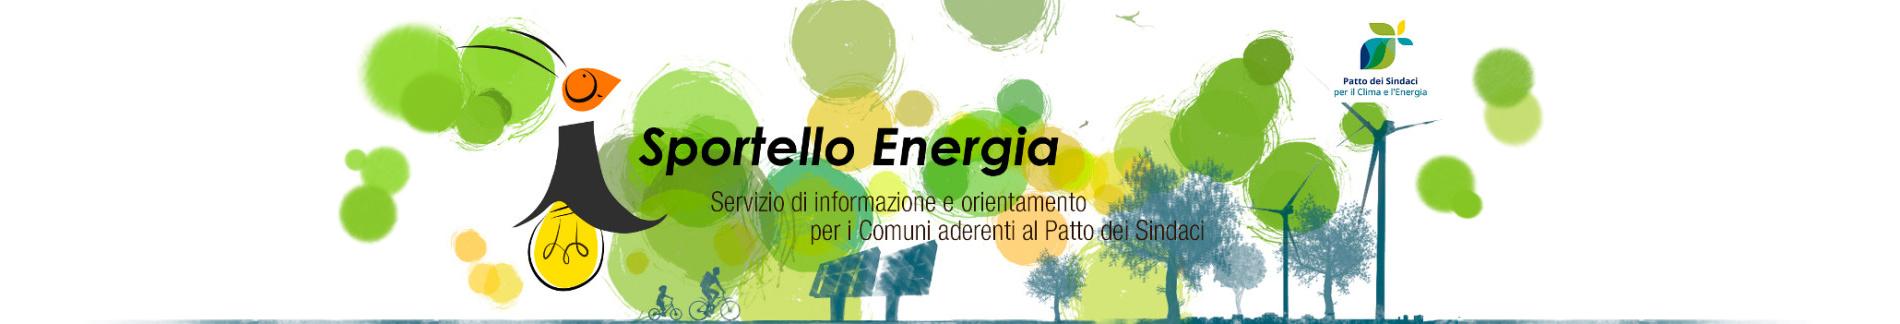 Sportello Energia Servizio informativo e di orientamento al cittadino sulle tematiche energetiche